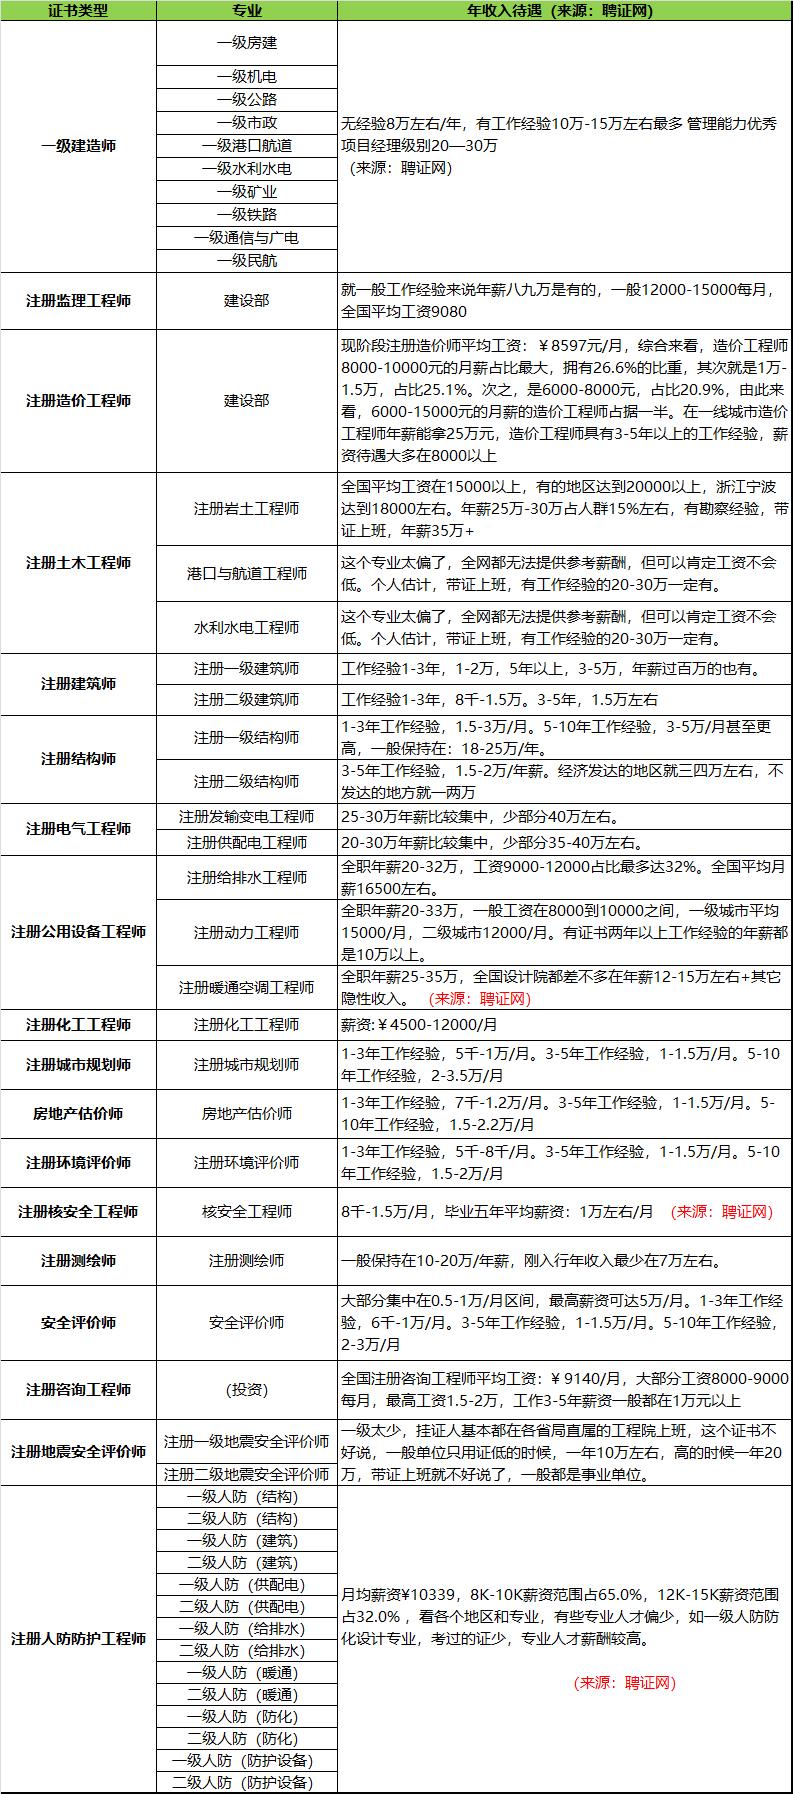 2019年各类工程师年收入表,年薪表.png